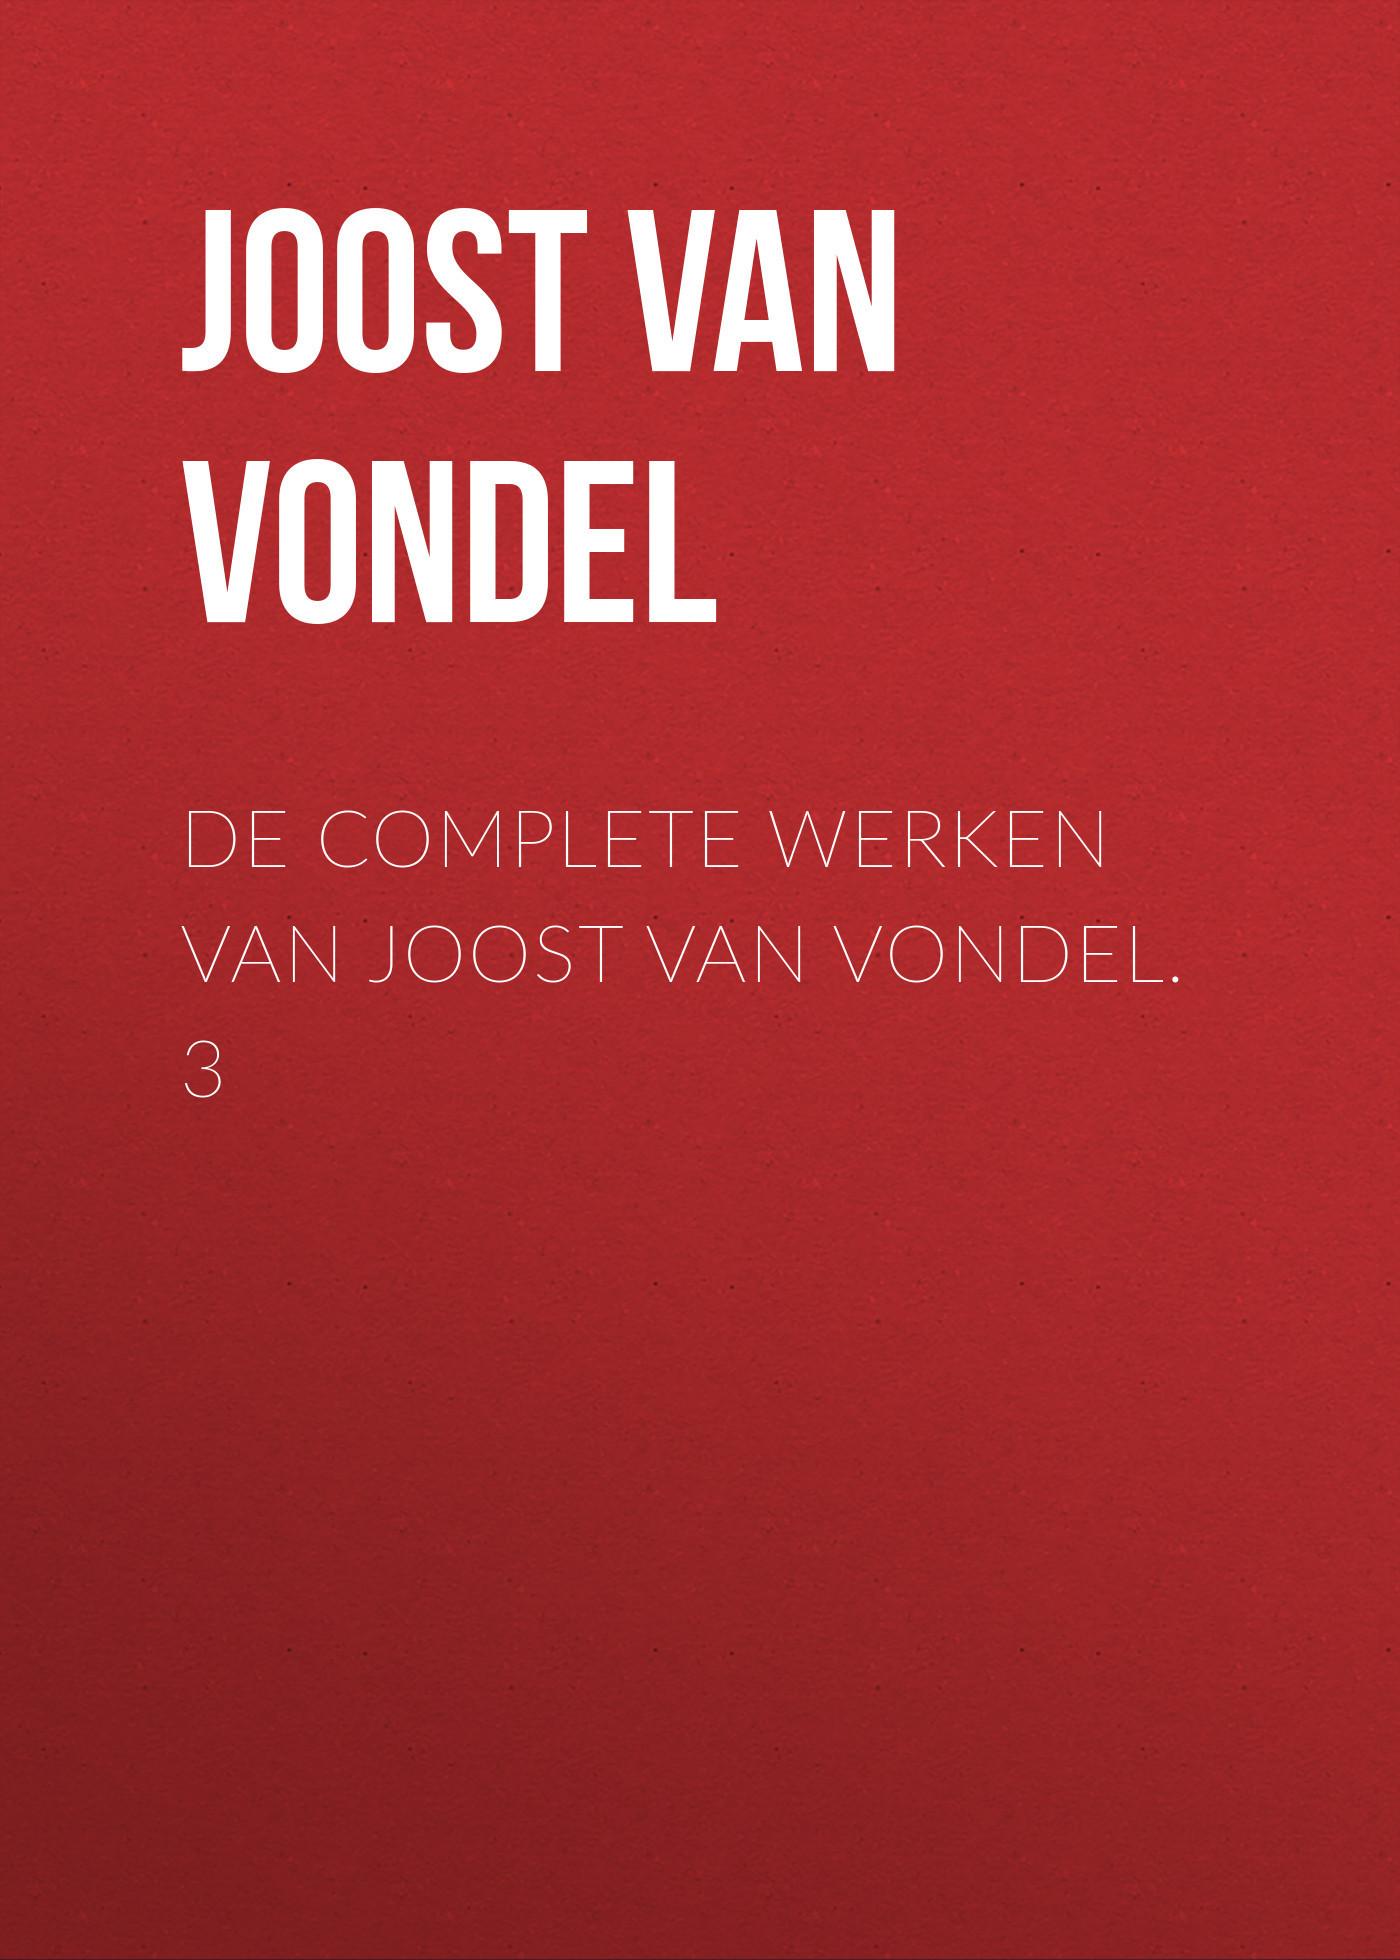 Joost van den Vondel De complete werken van Joost van Vondel. 3 joost van den vondel de complete werken van joost van vondel 2